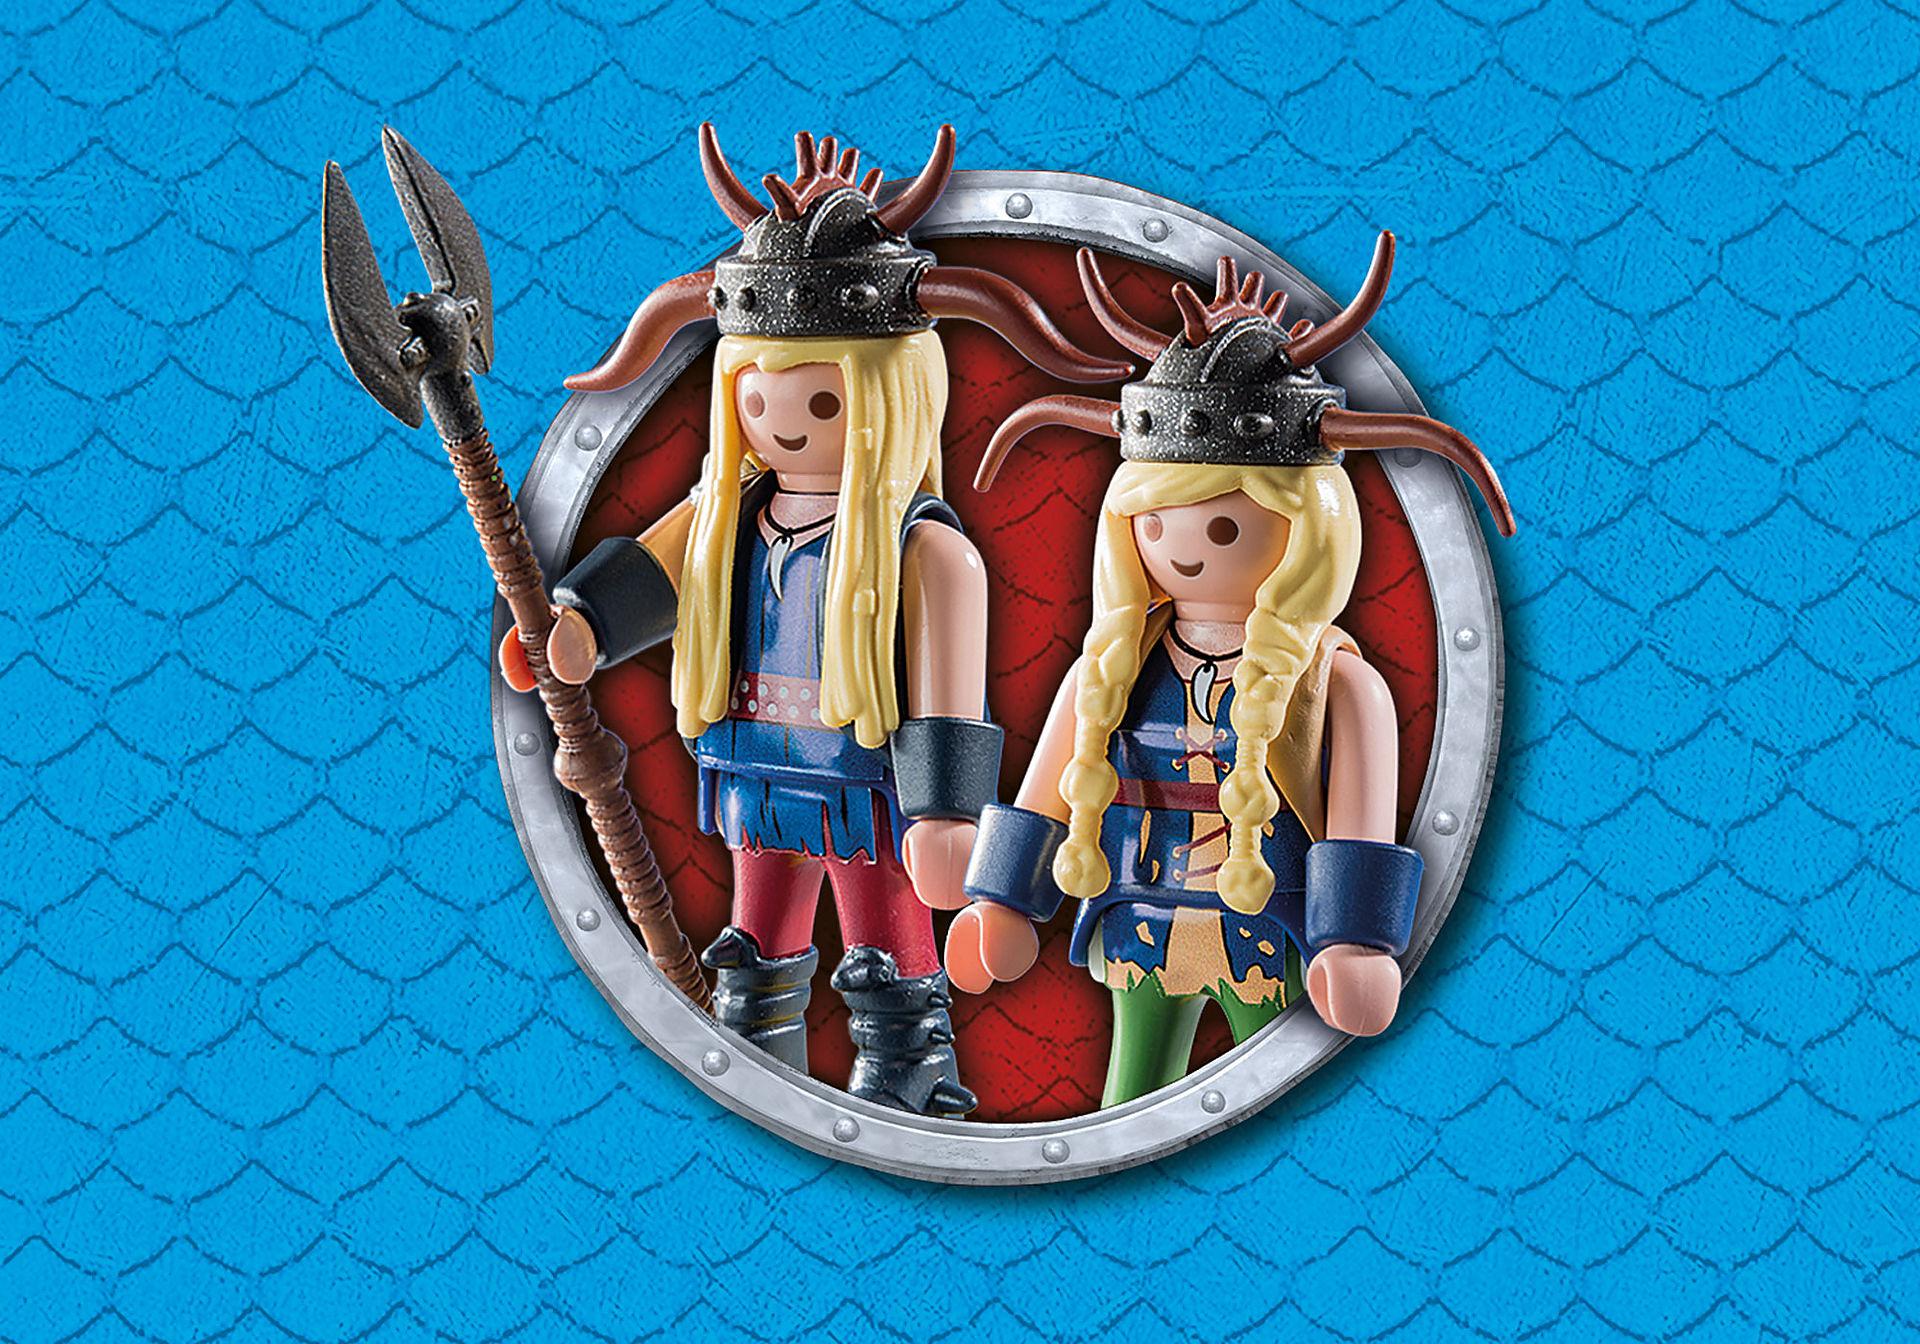 9458 Cabeçaquente e Cabeçadura com Dragão 2 Cabeças zoom image7